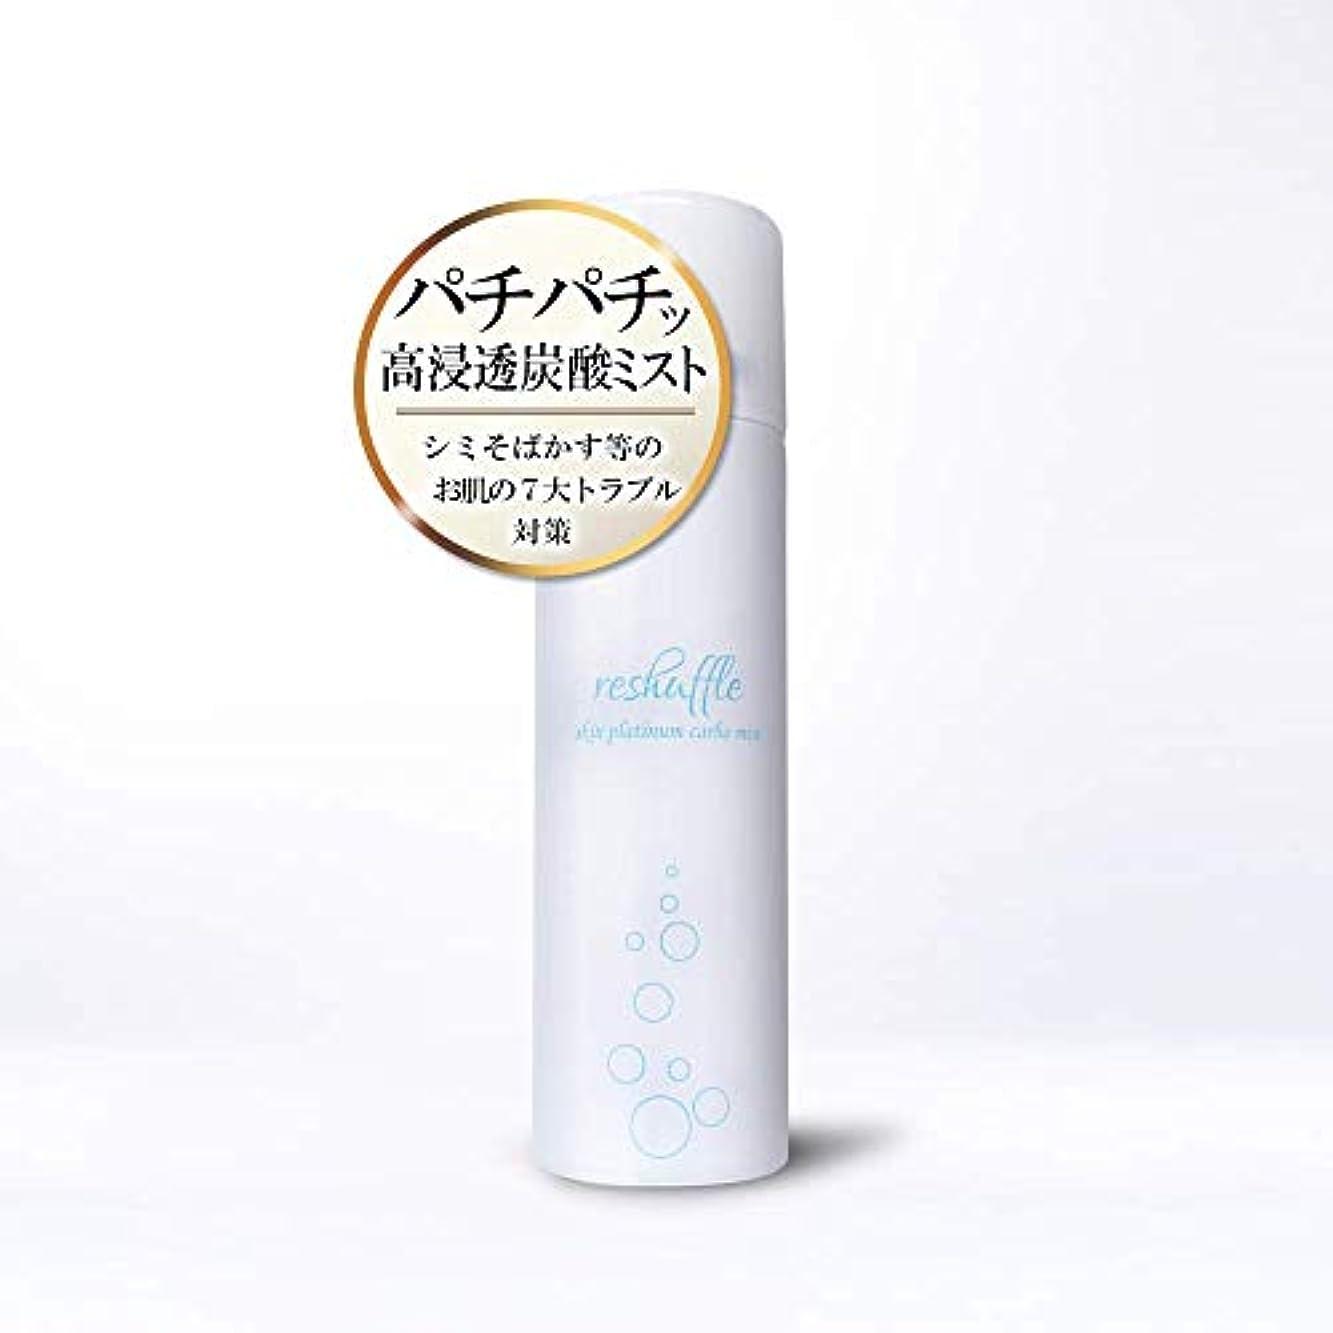 母性推測する軸ニキビ 角質ケア シミ そばかす 対策 炭酸化粧水 リシャッフル/炭酸スプレー美容液 (高濃度 グリチルリチン酸 2K 配合) オールインワンミスト